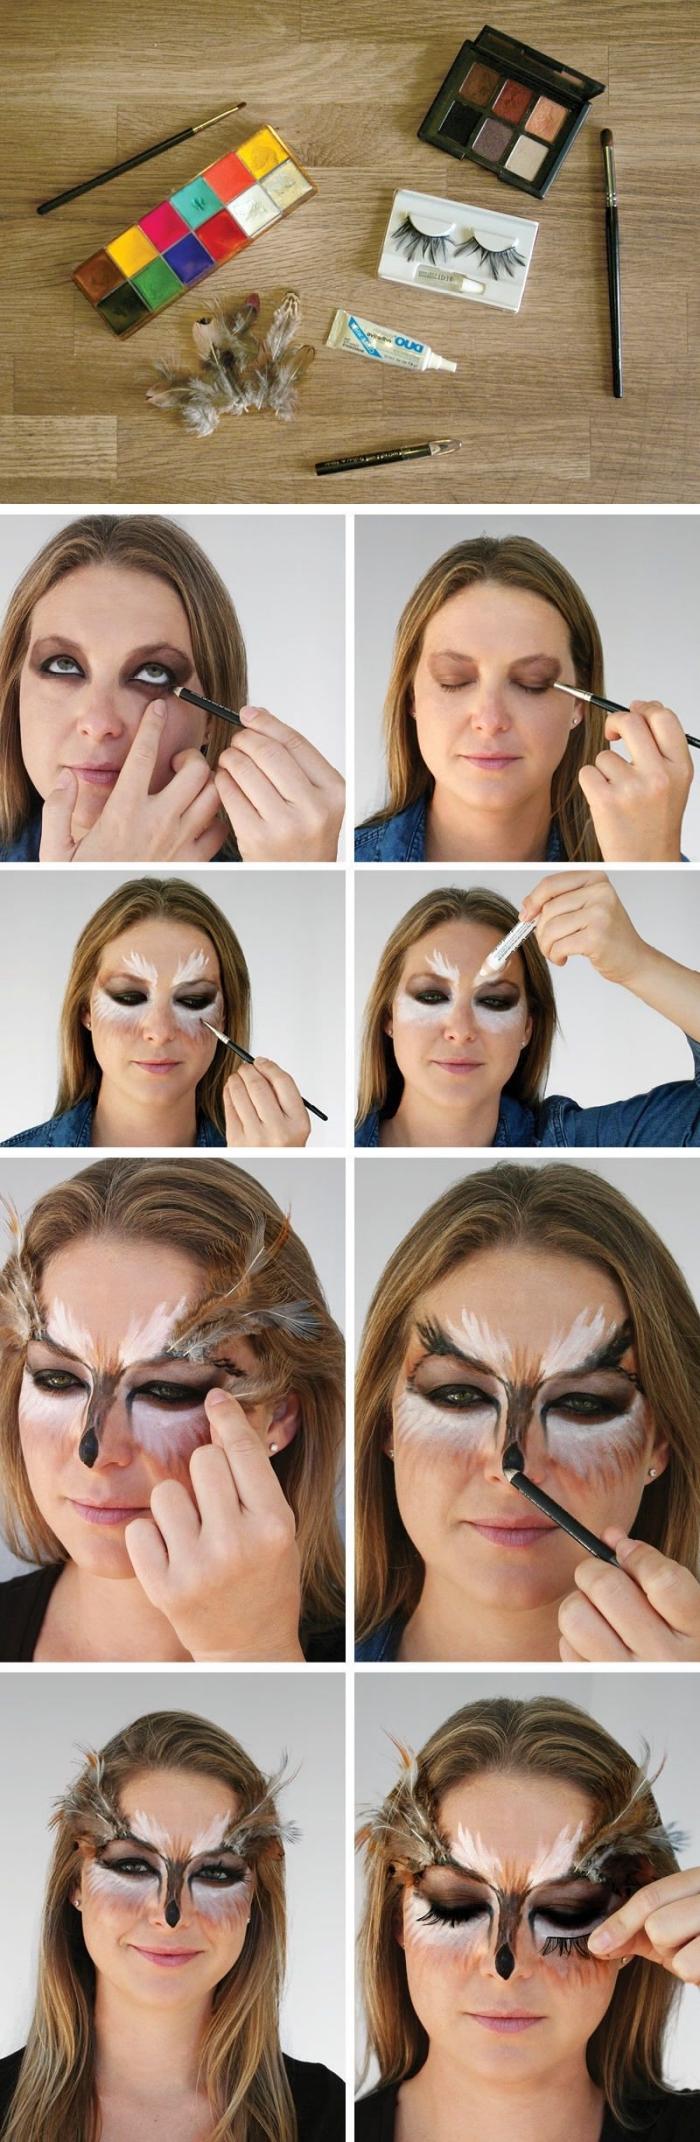 maquillage animalier facile et rapide avec un masque hibou peint autour les yeux, décoré avec des plumes